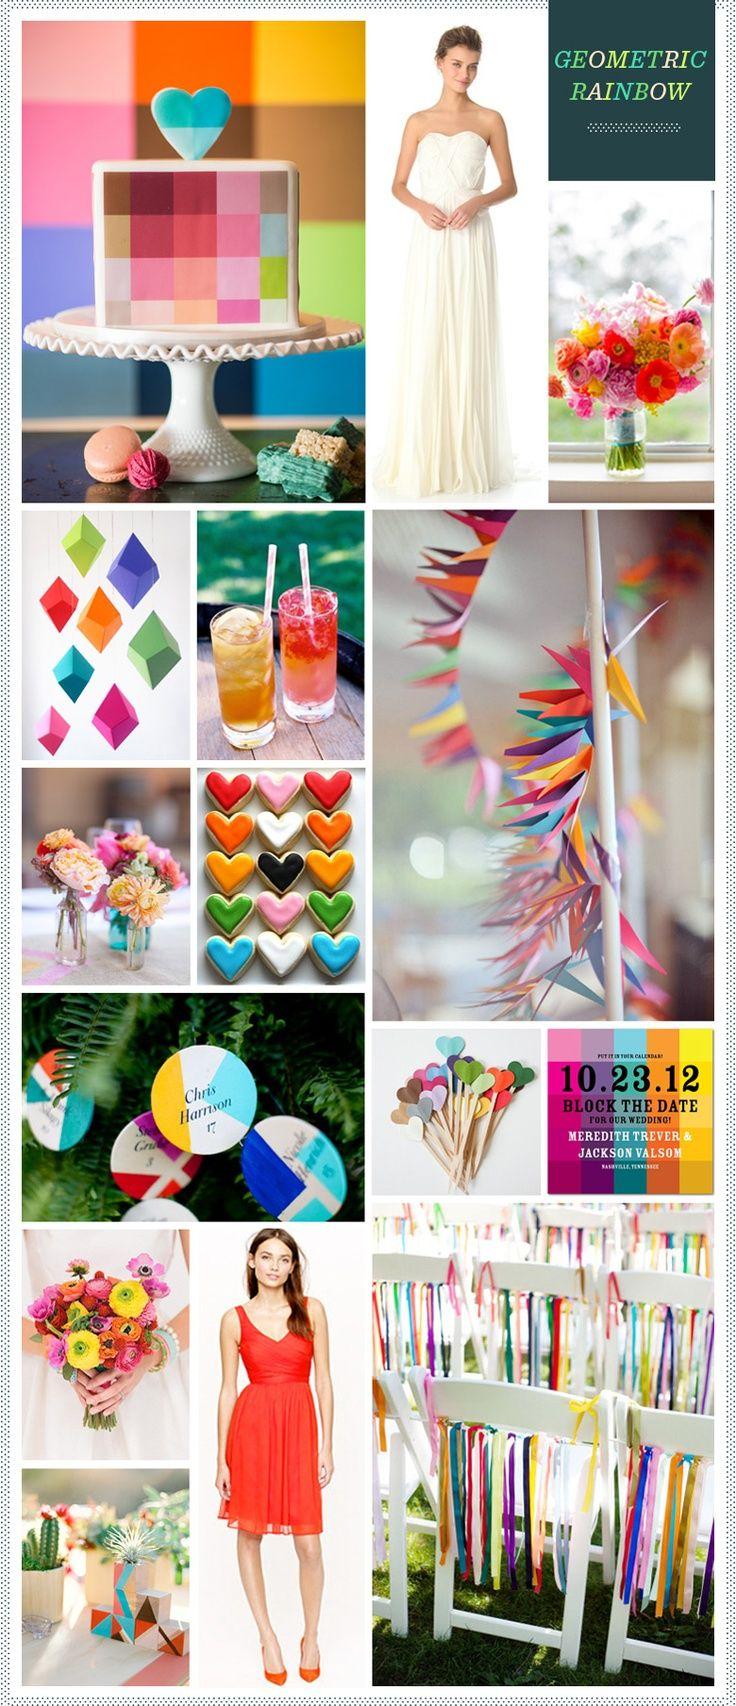 Casamento com as cores do arco-íris. #casamento #inspiração #cores #arcoíris